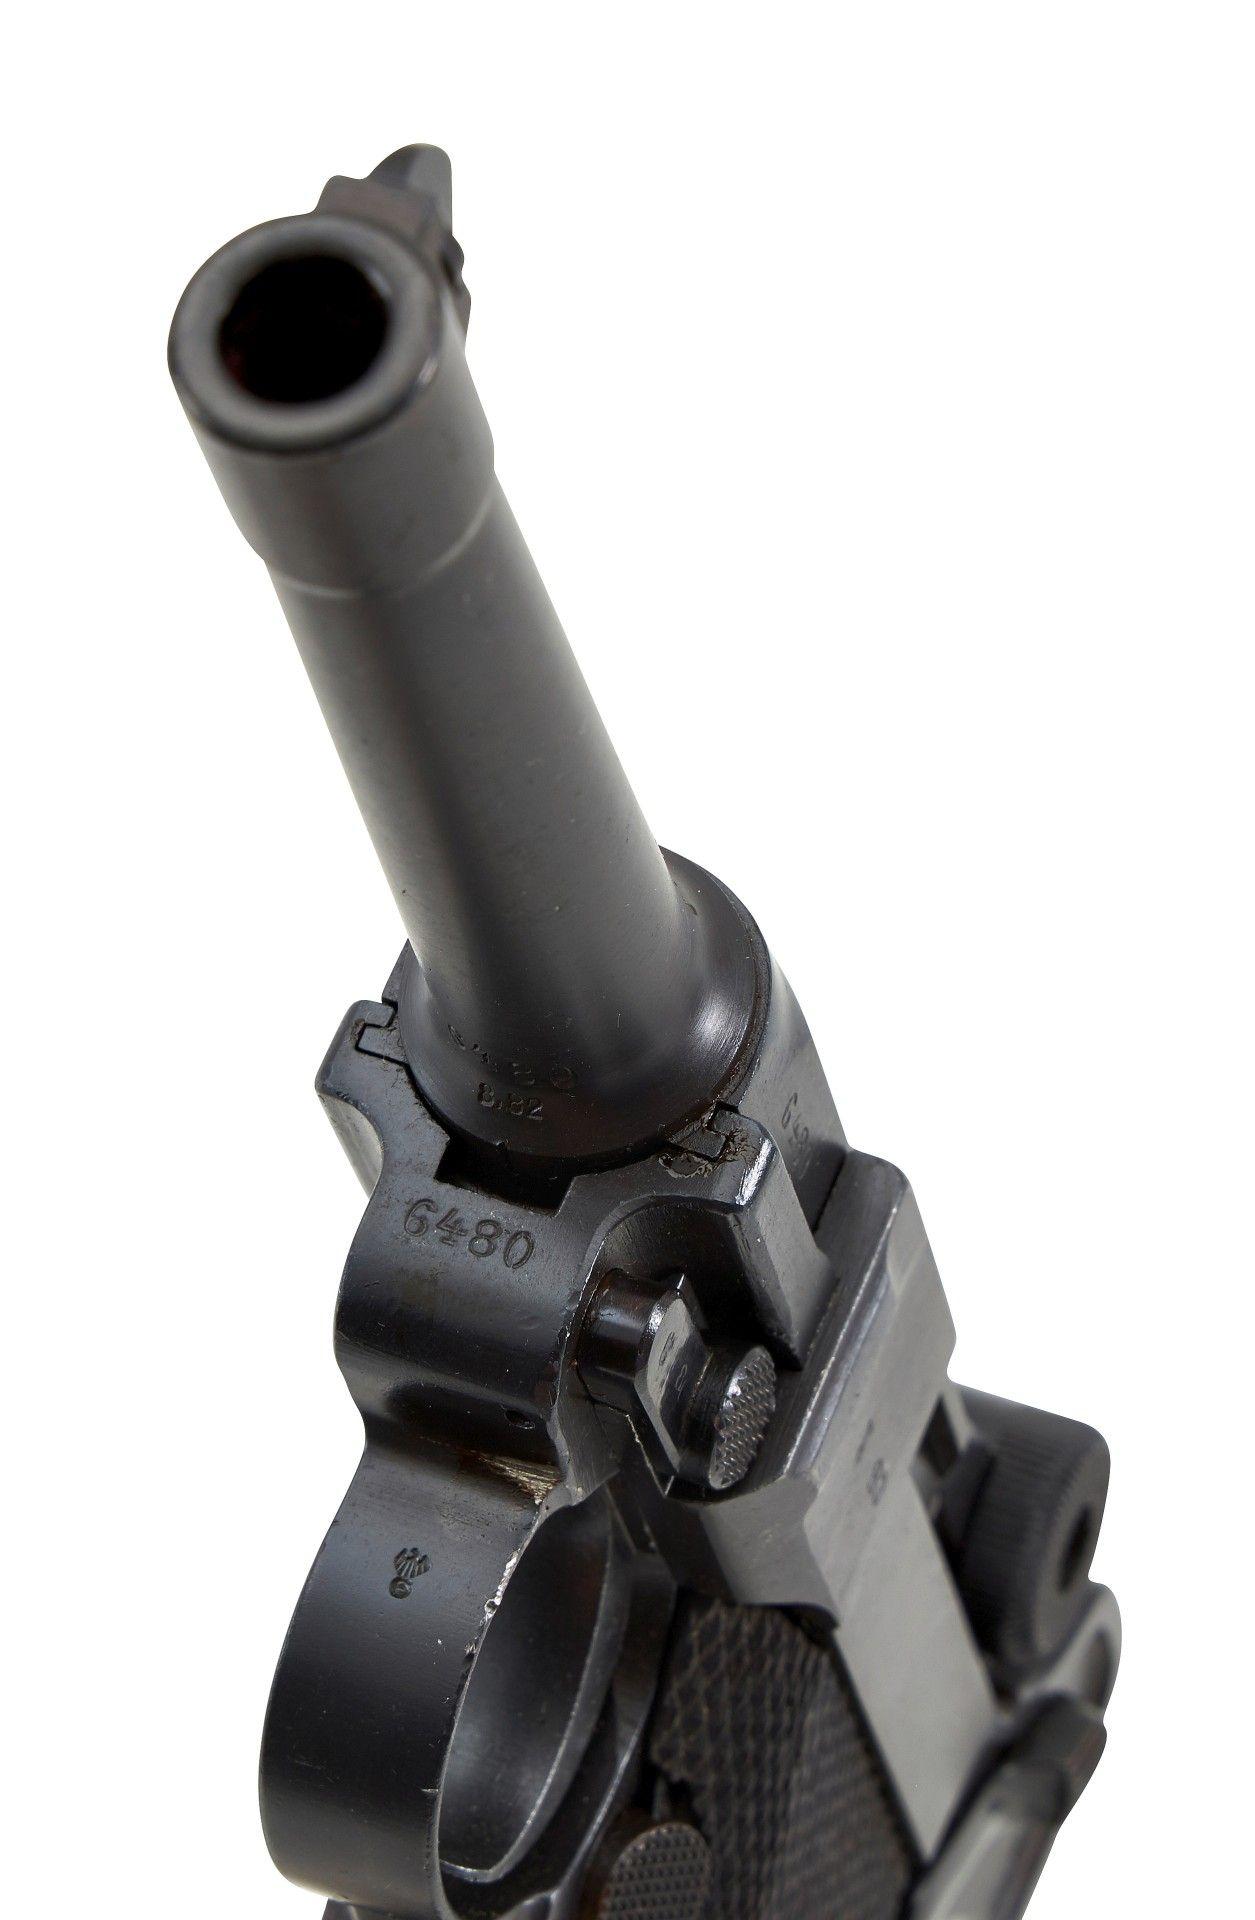 Halbautomatische Pistole Mod.: P. 08 Herst.: SIMSON & Co. SUHL Baujahr: ohne Angabe S.Nr.: 6480 ... - Image 3 of 4